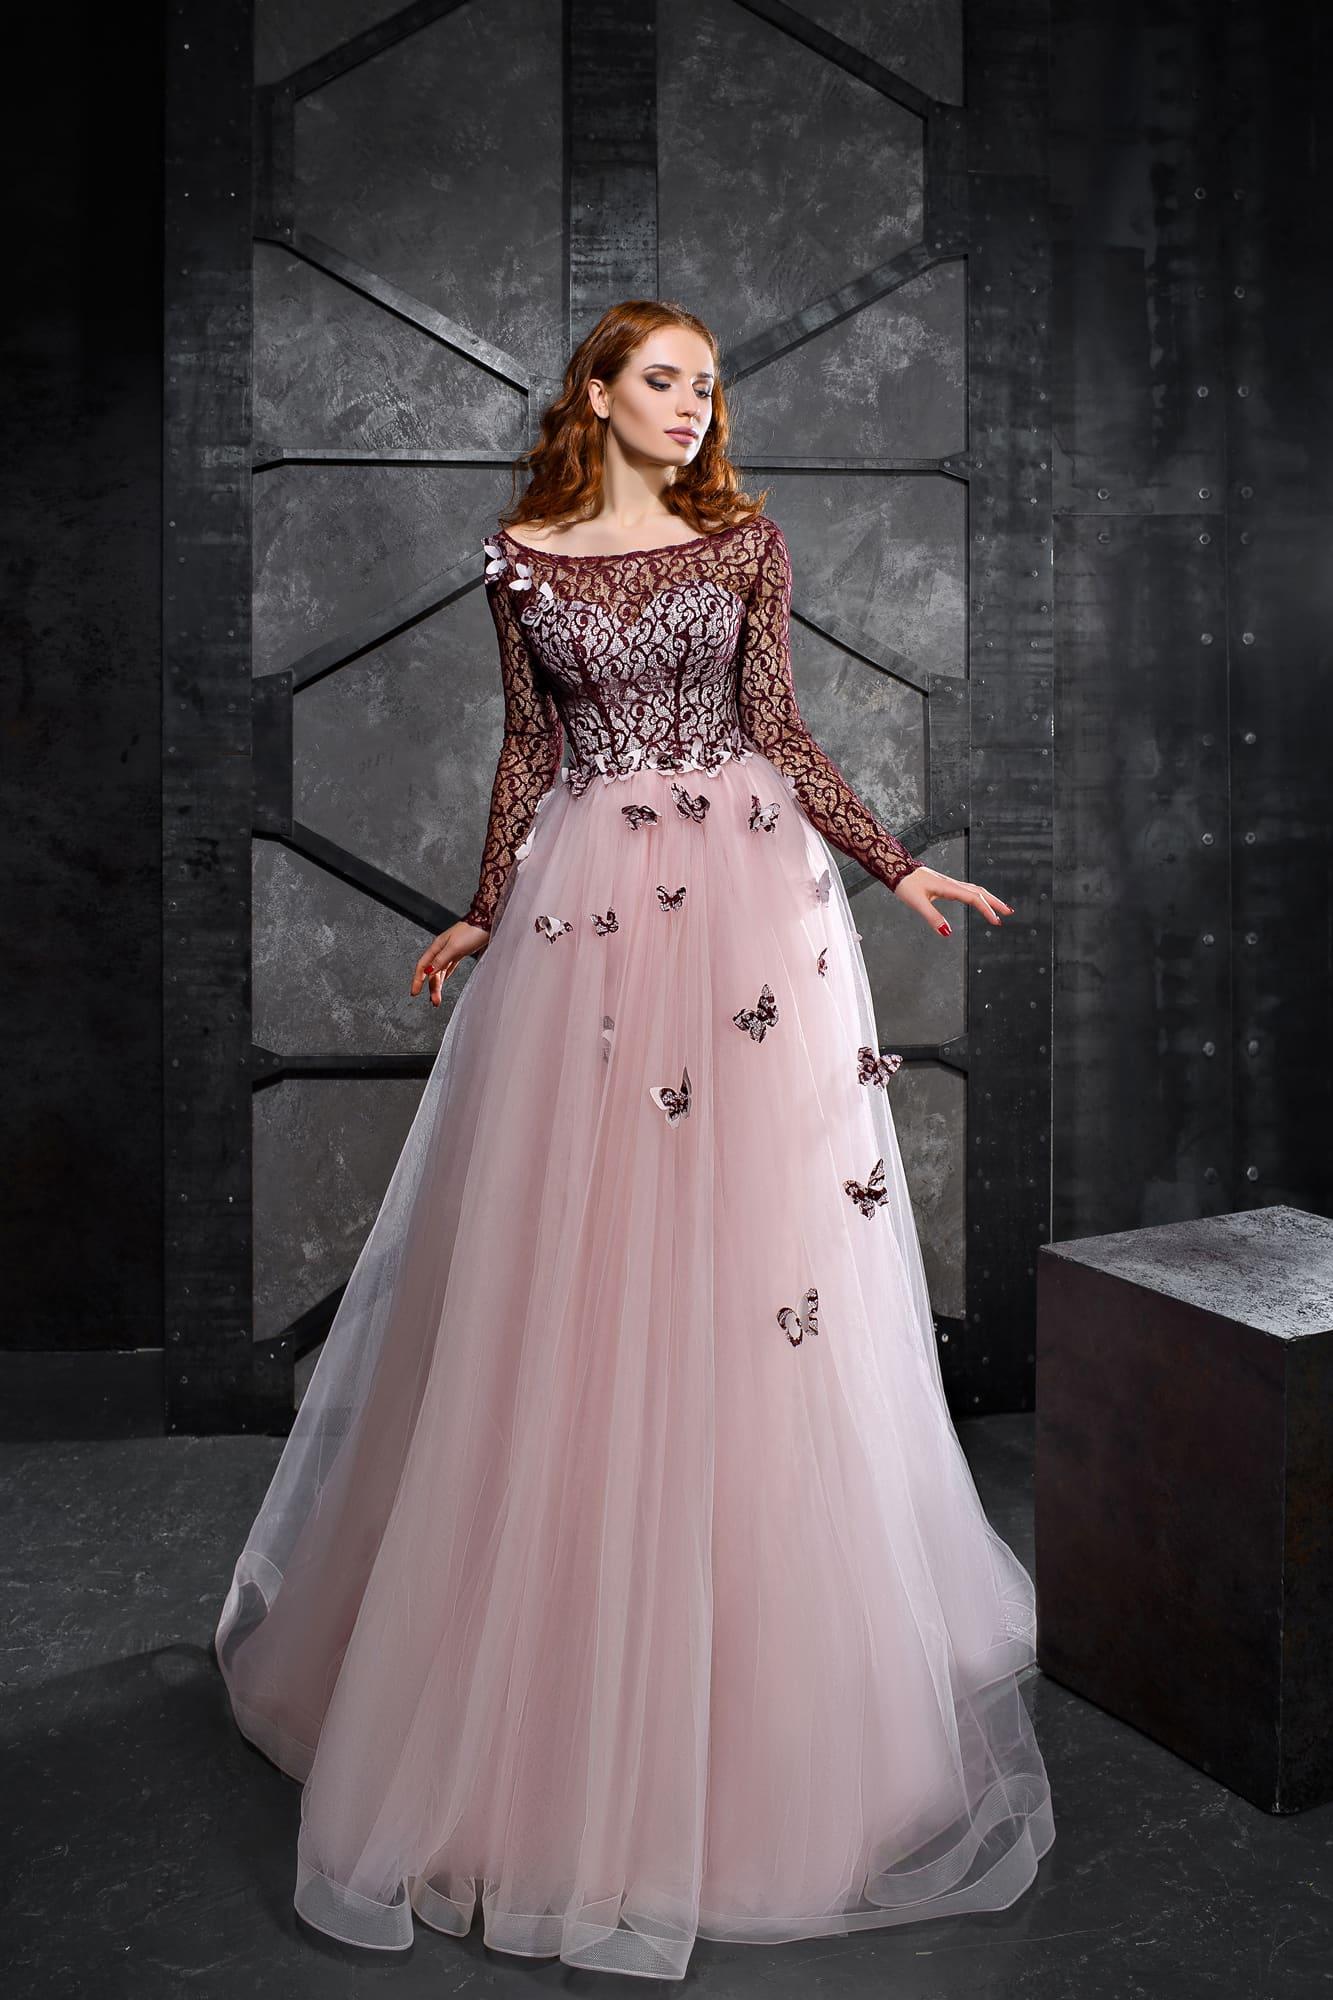 75a74219057 Вечернее платье Kira Nova Гликерия ▷ Свадебный Торговый Центр Вега ...